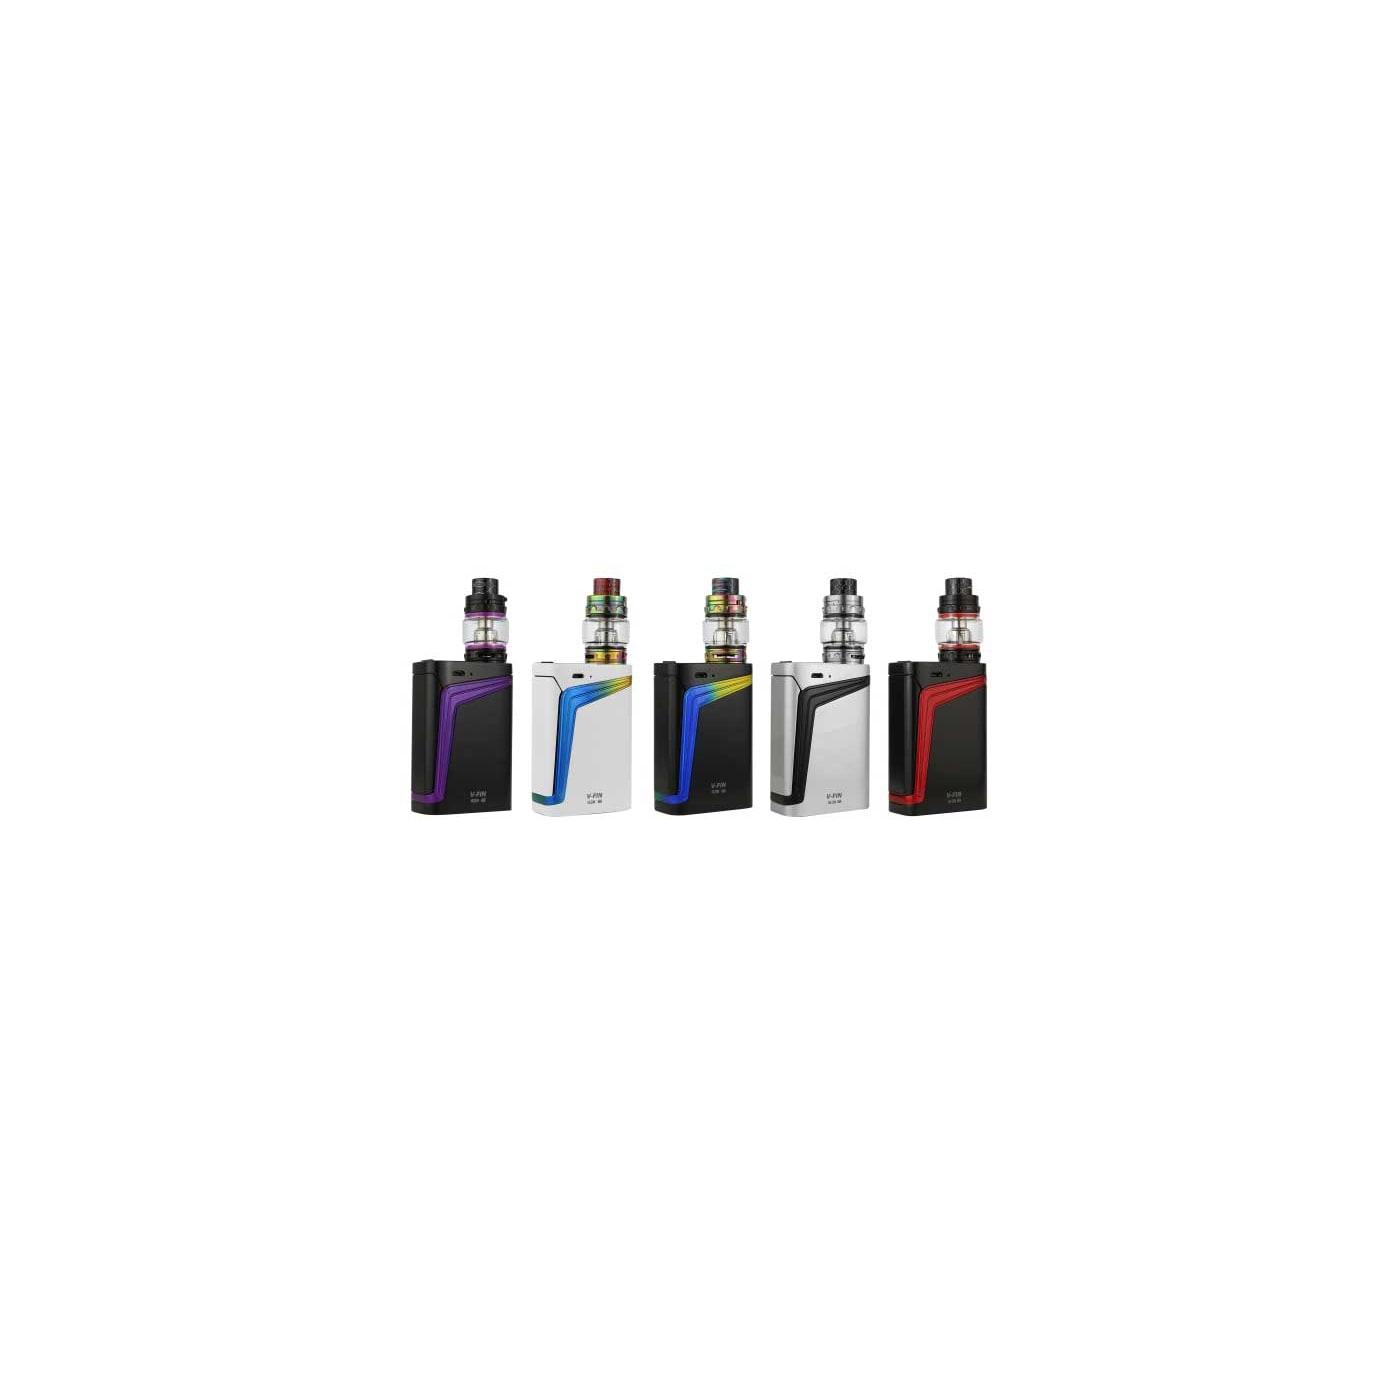 SMOK V Fin Kit Colors